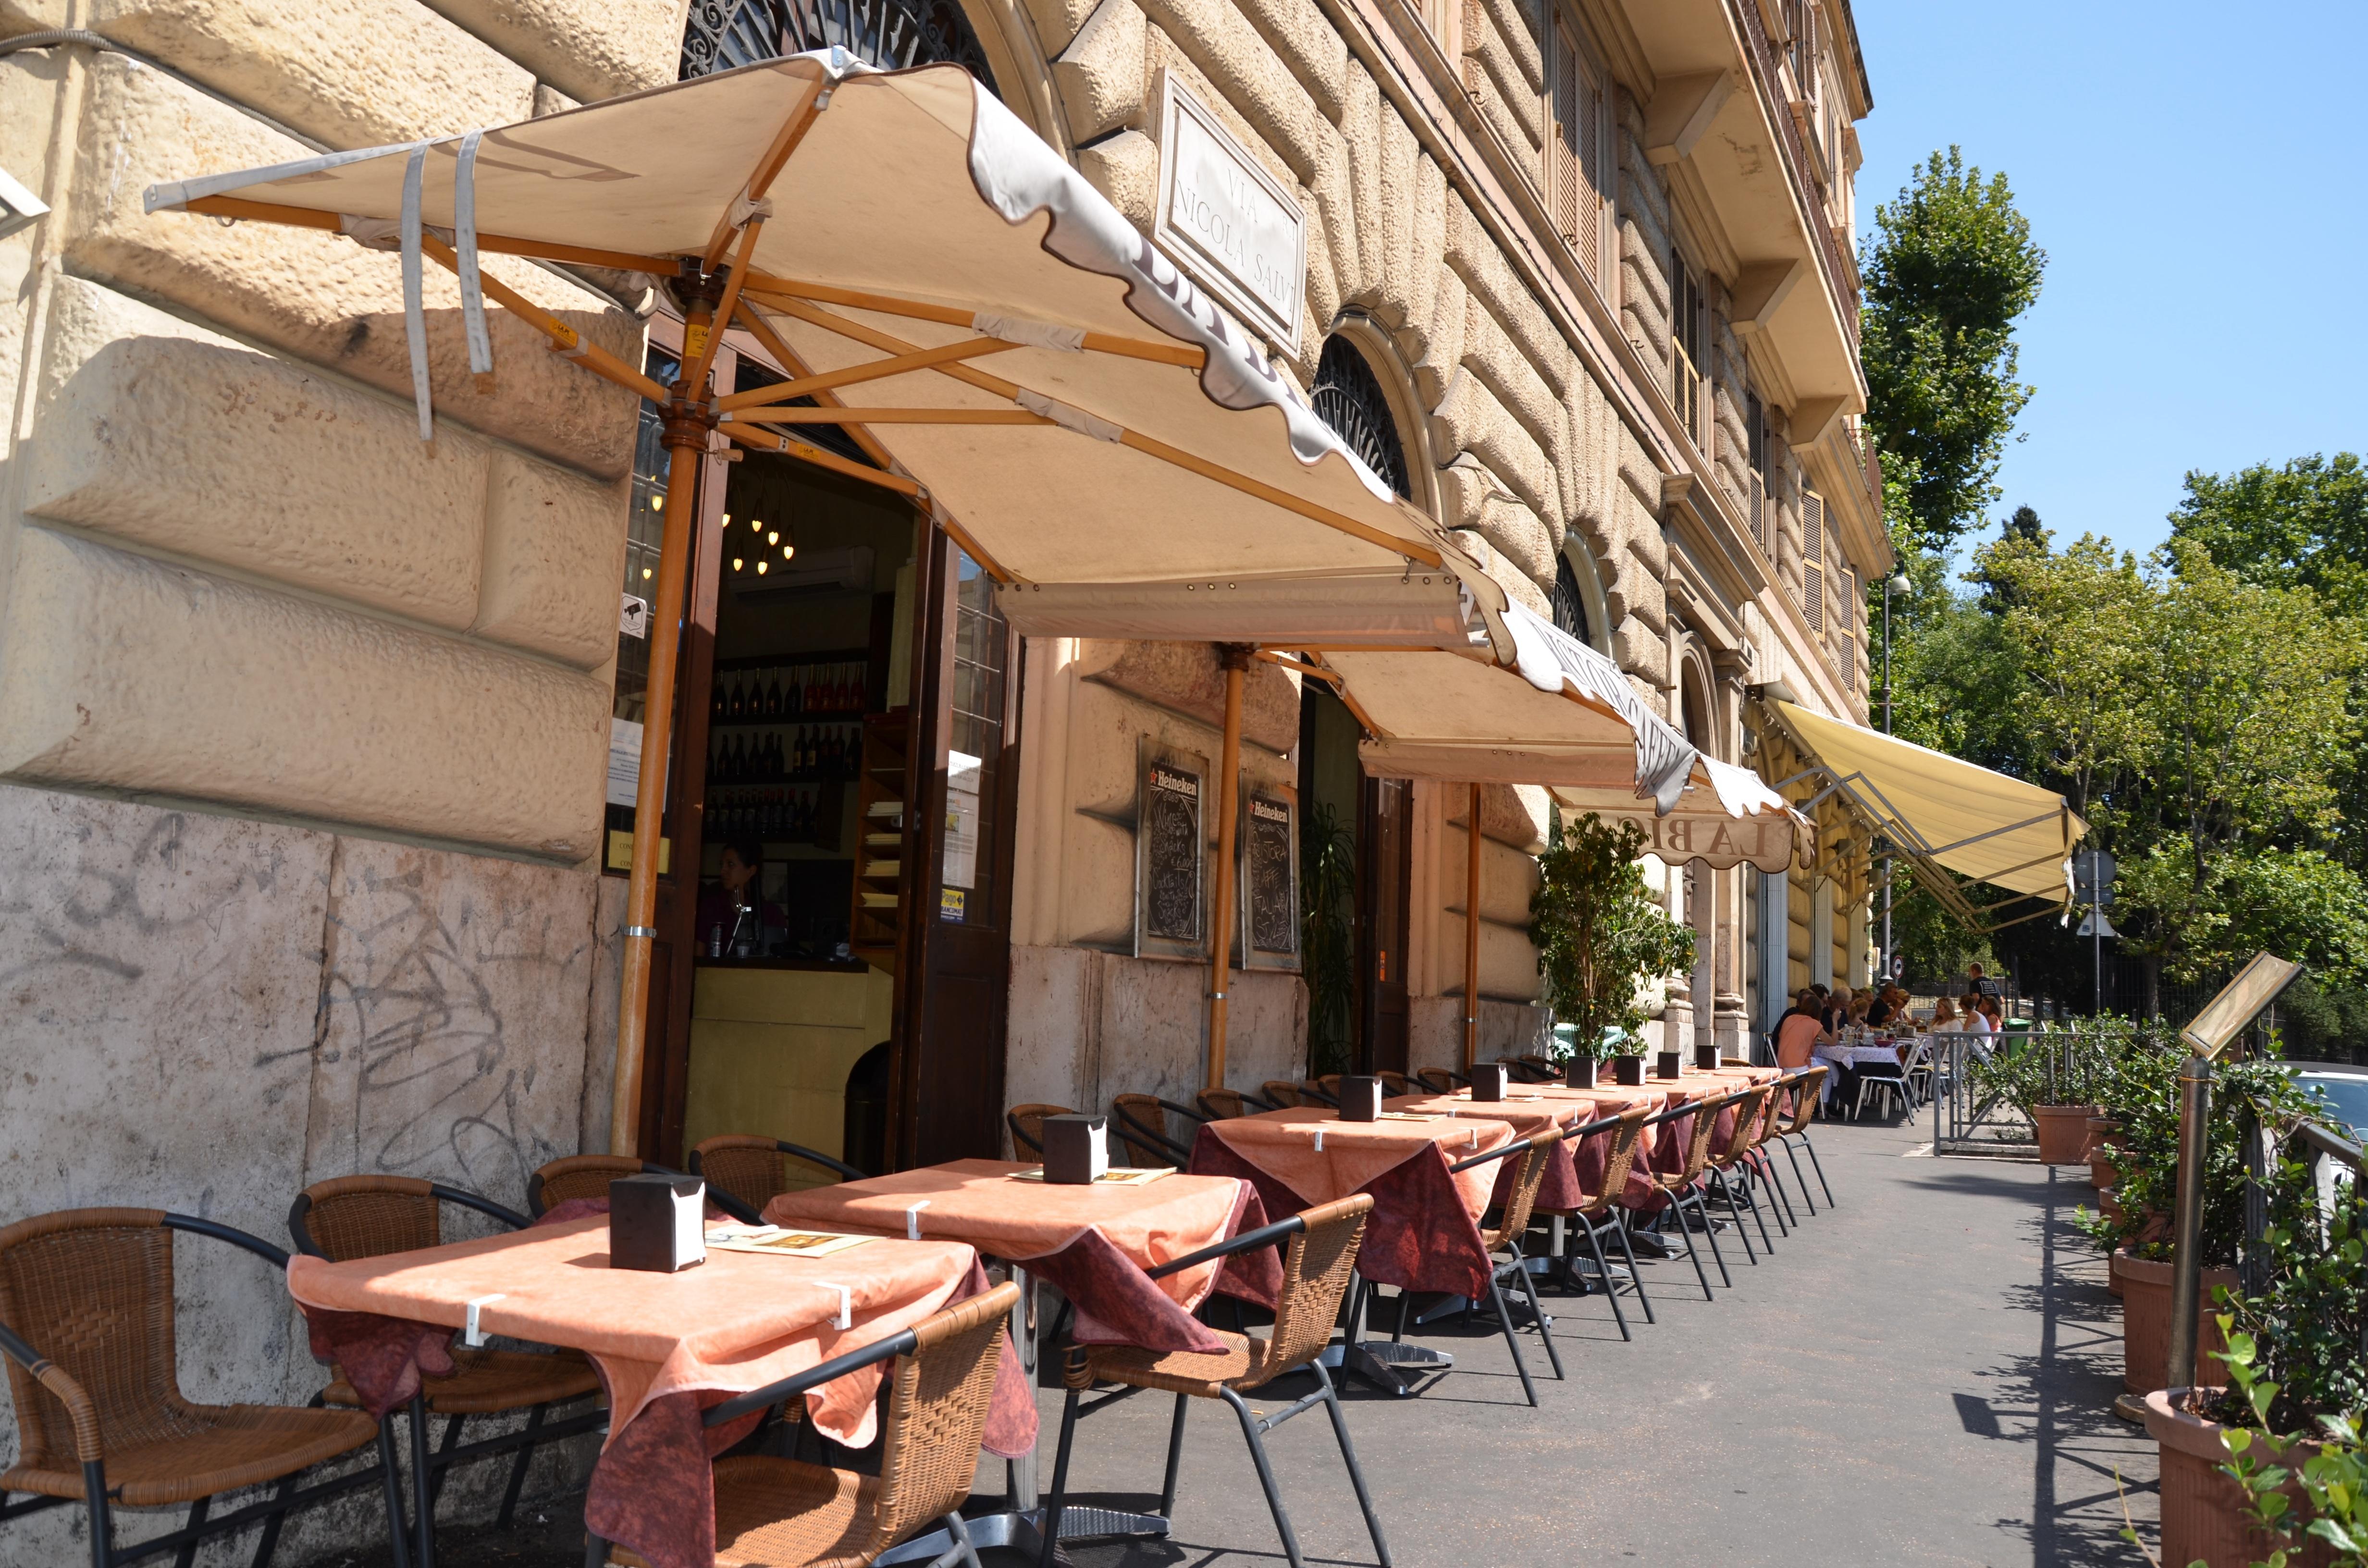 Gambar Kafe Kedai Kopi Restoran Musim Panas Italia Bisnis